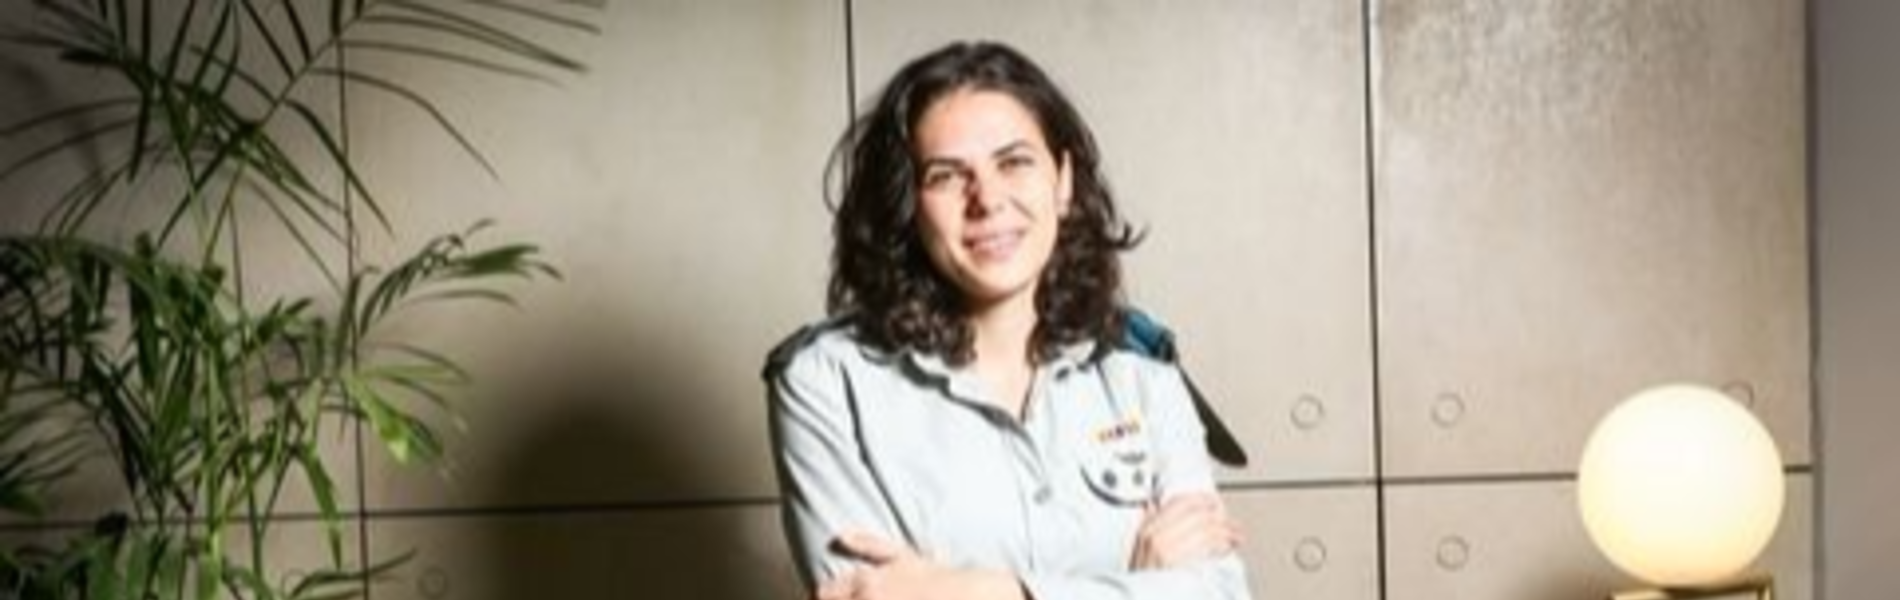 """הכירו את סרן ענבל ארגוב, קצינת האמל""""ח הראשונה בצה""""ל"""